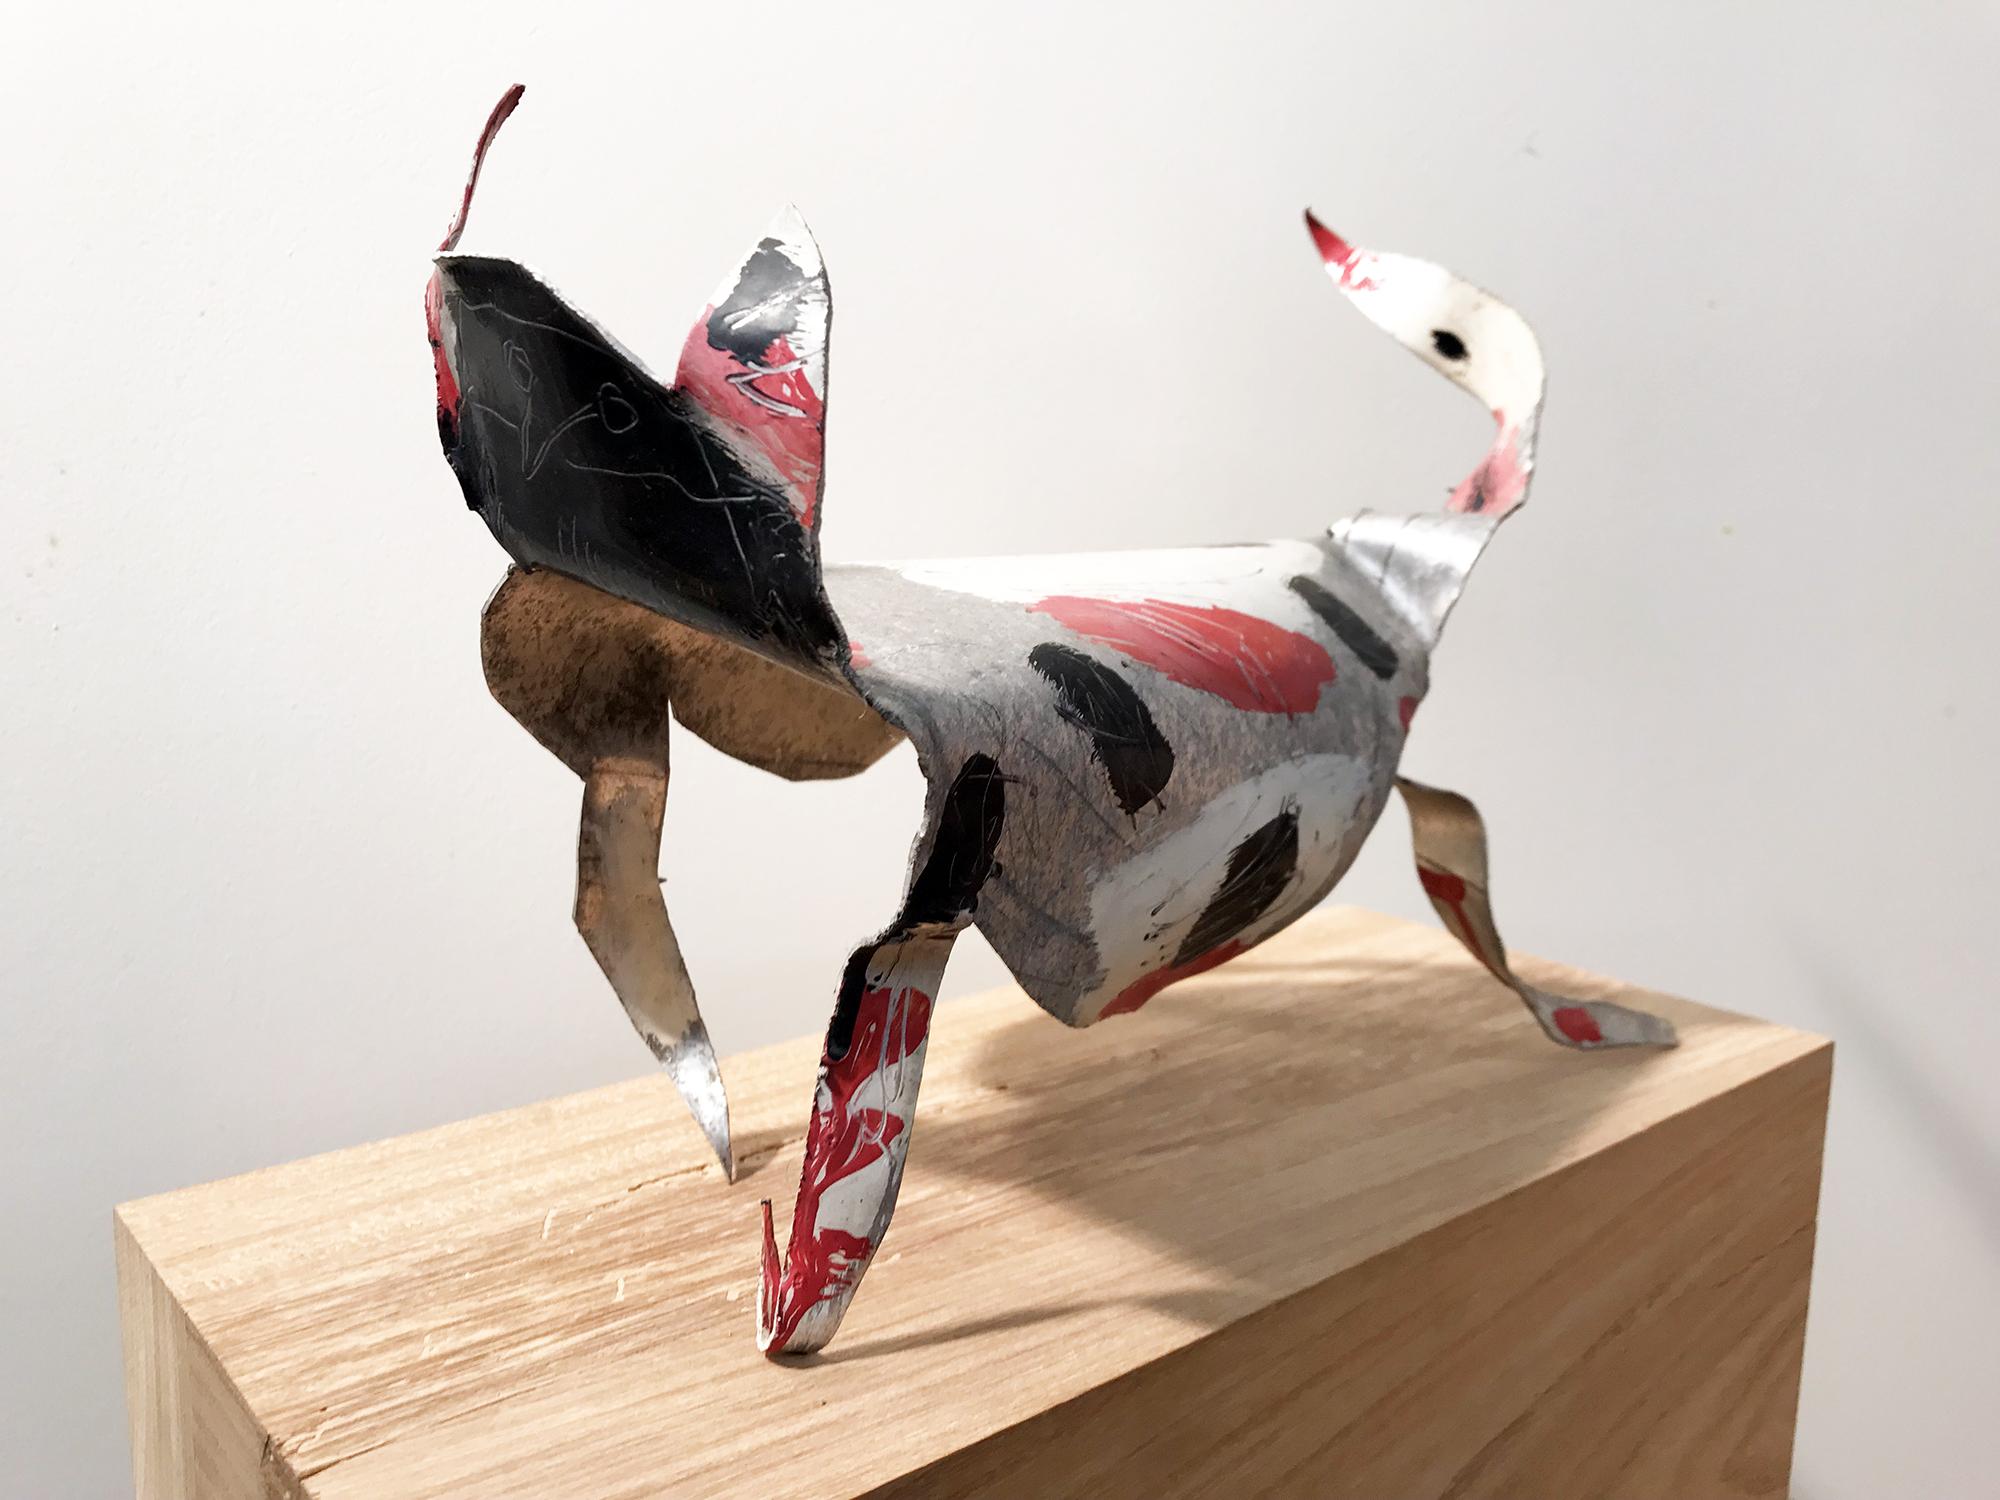 Katze, Autolack auf Aluminium, ca. 28 x 35 x 30 cm